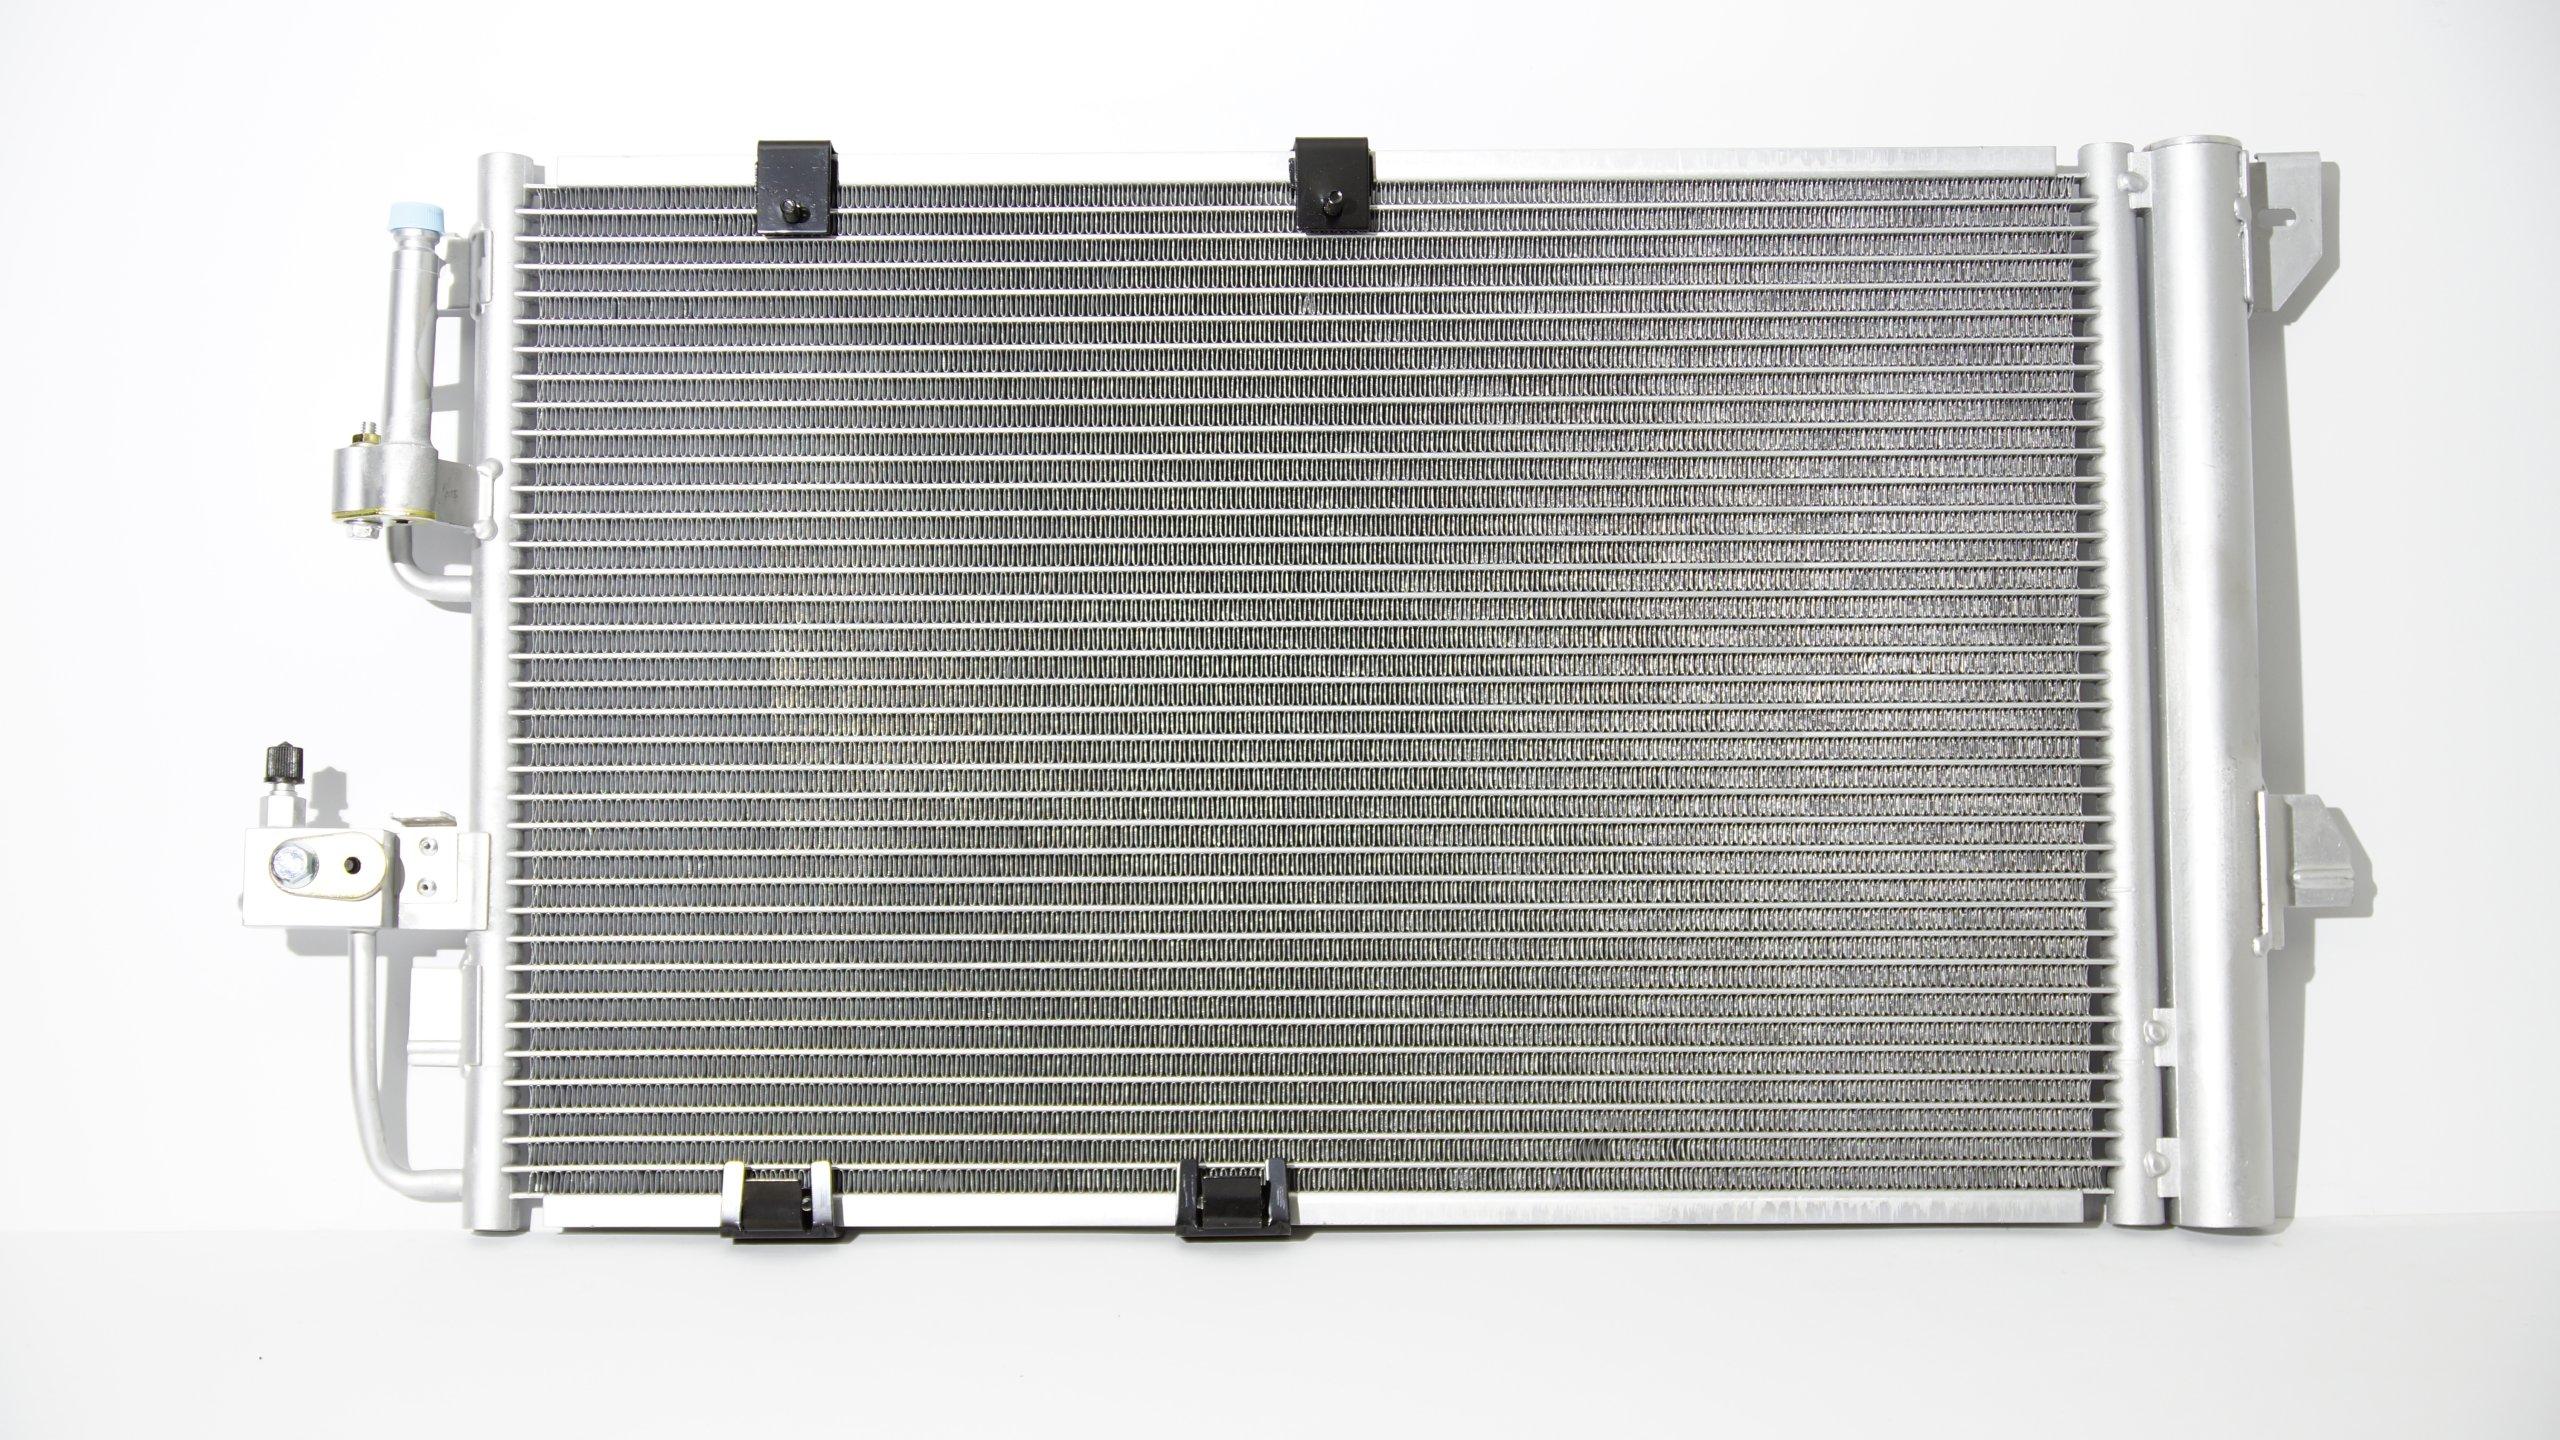 радиатор кондиционирования воздуха astra ii g 2002-2009 бензина